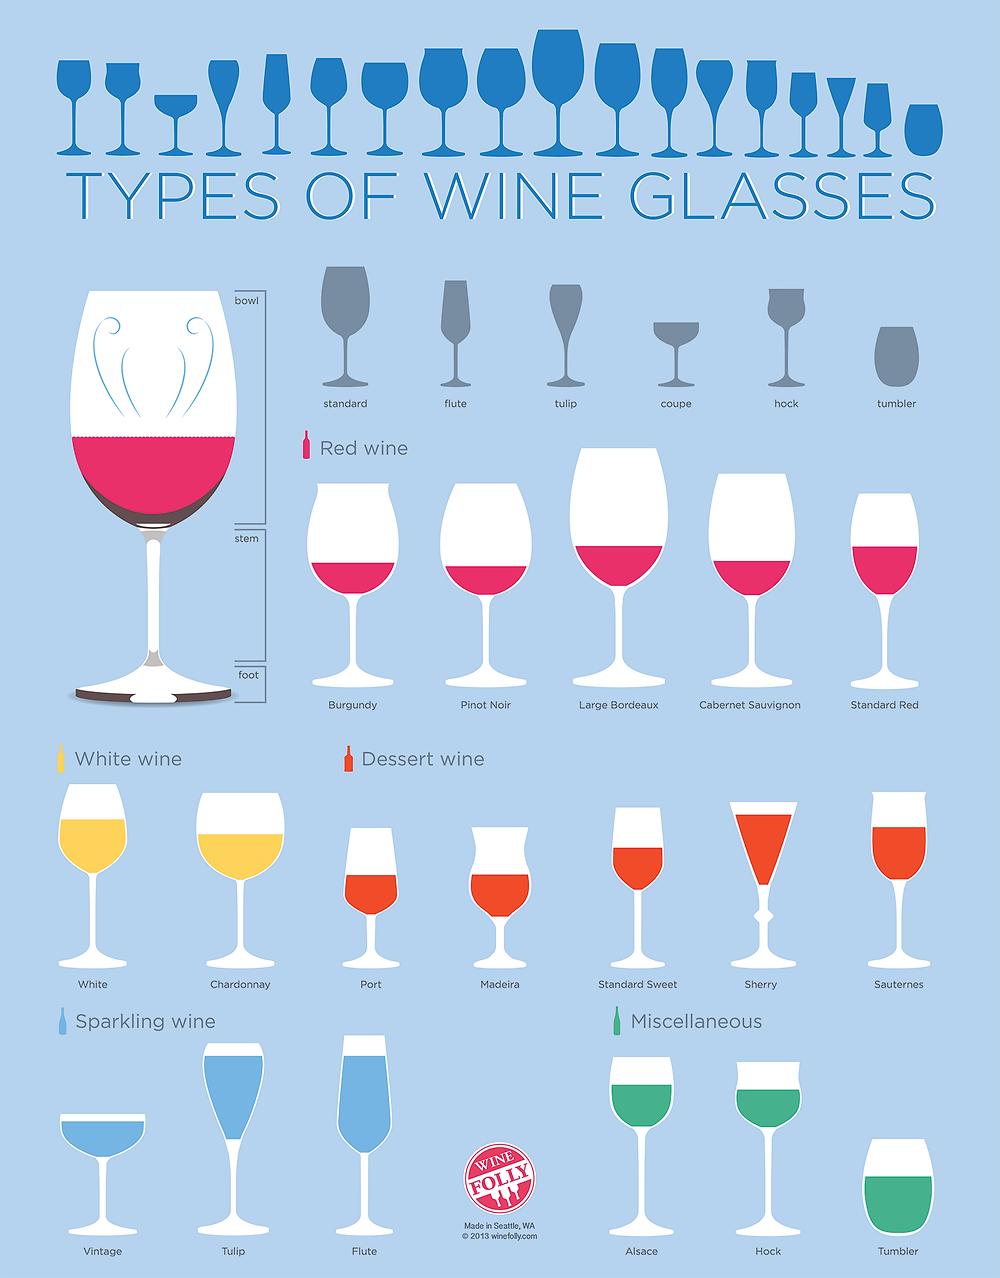 Photo from https://www.greeceandgrapes.com/en/glass-type-wine